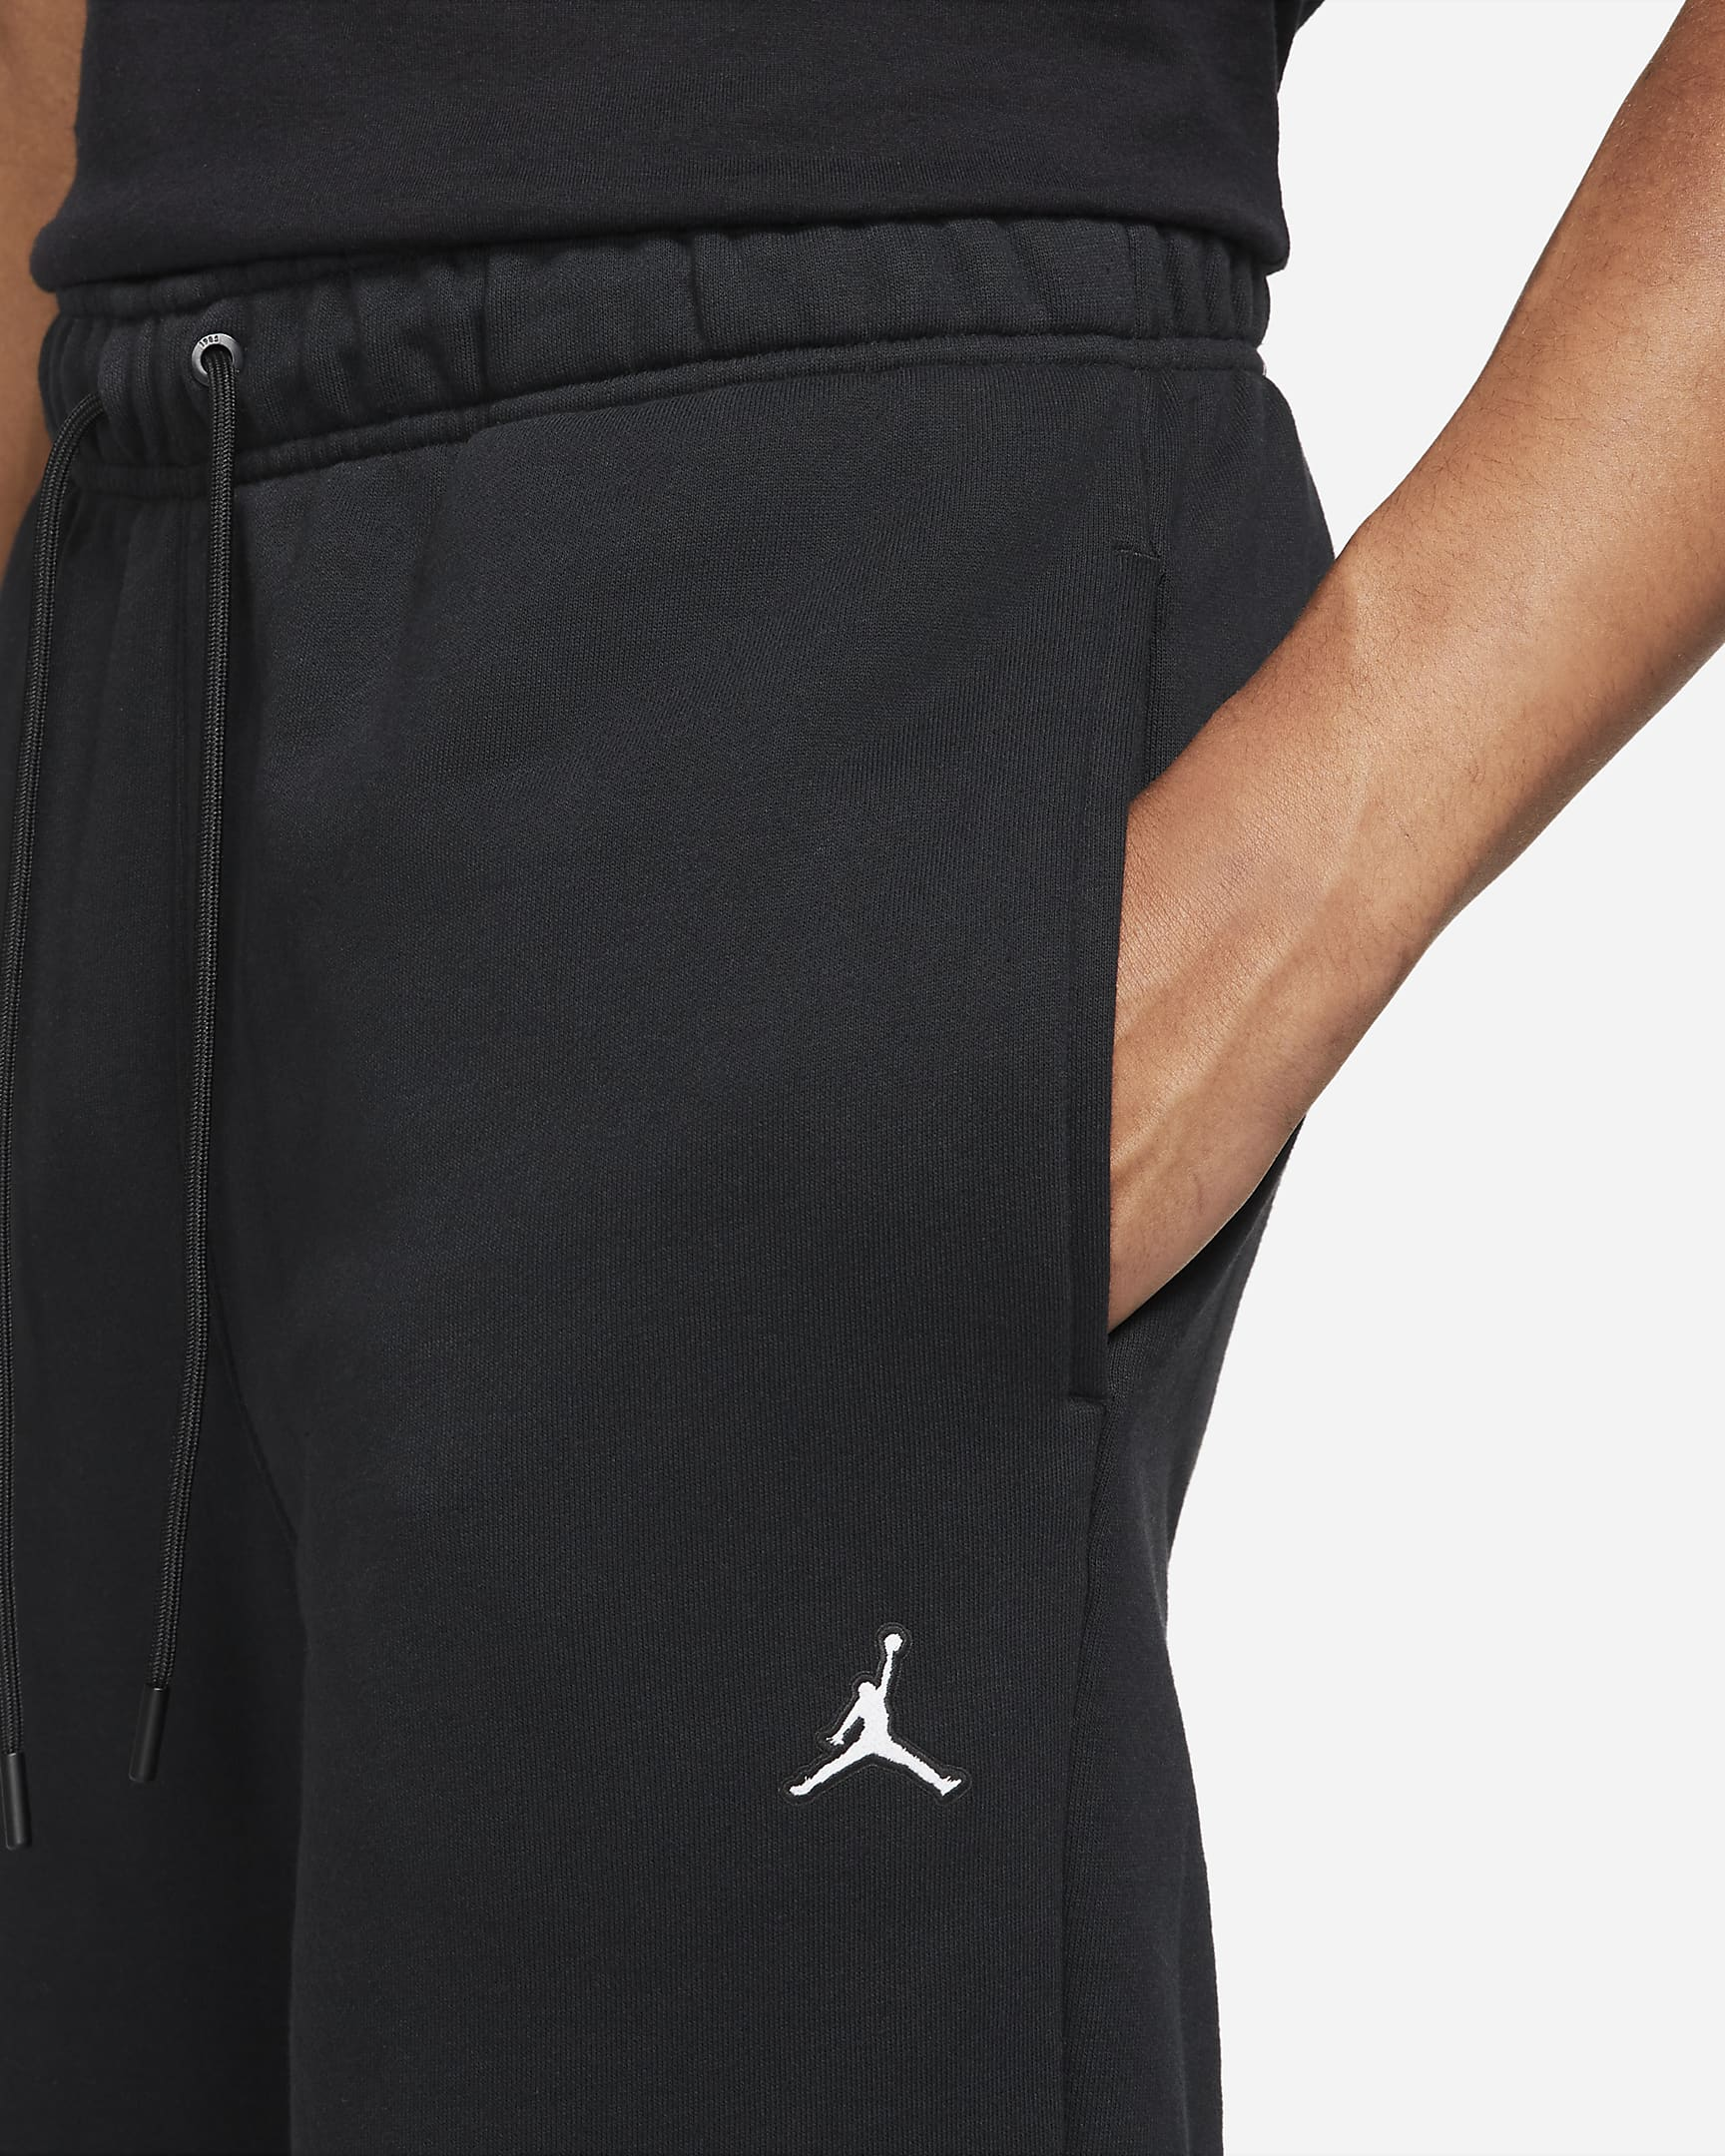 jordan-essentials-mens-fleece-pants-11d5wf-1.png